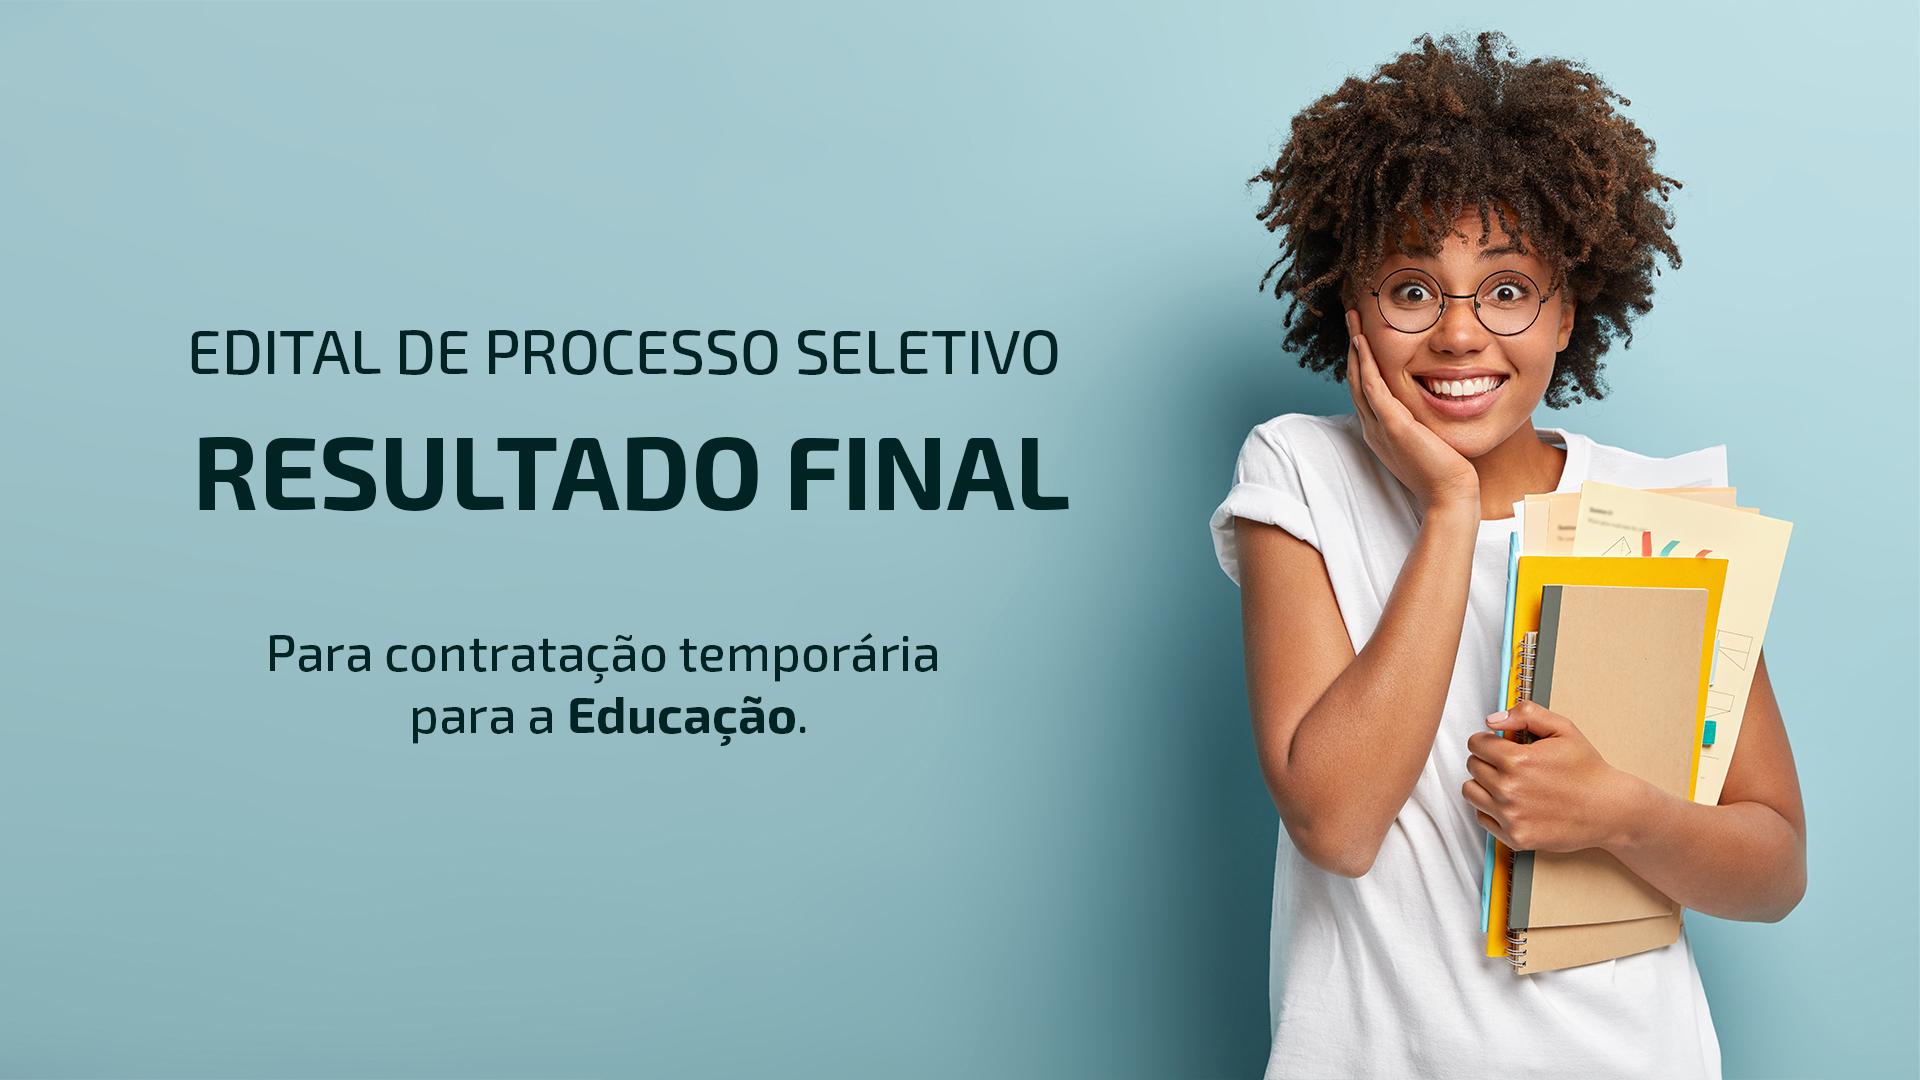 EDITAL DE PROCESSO SELETIVO - RESULTADO FINAL